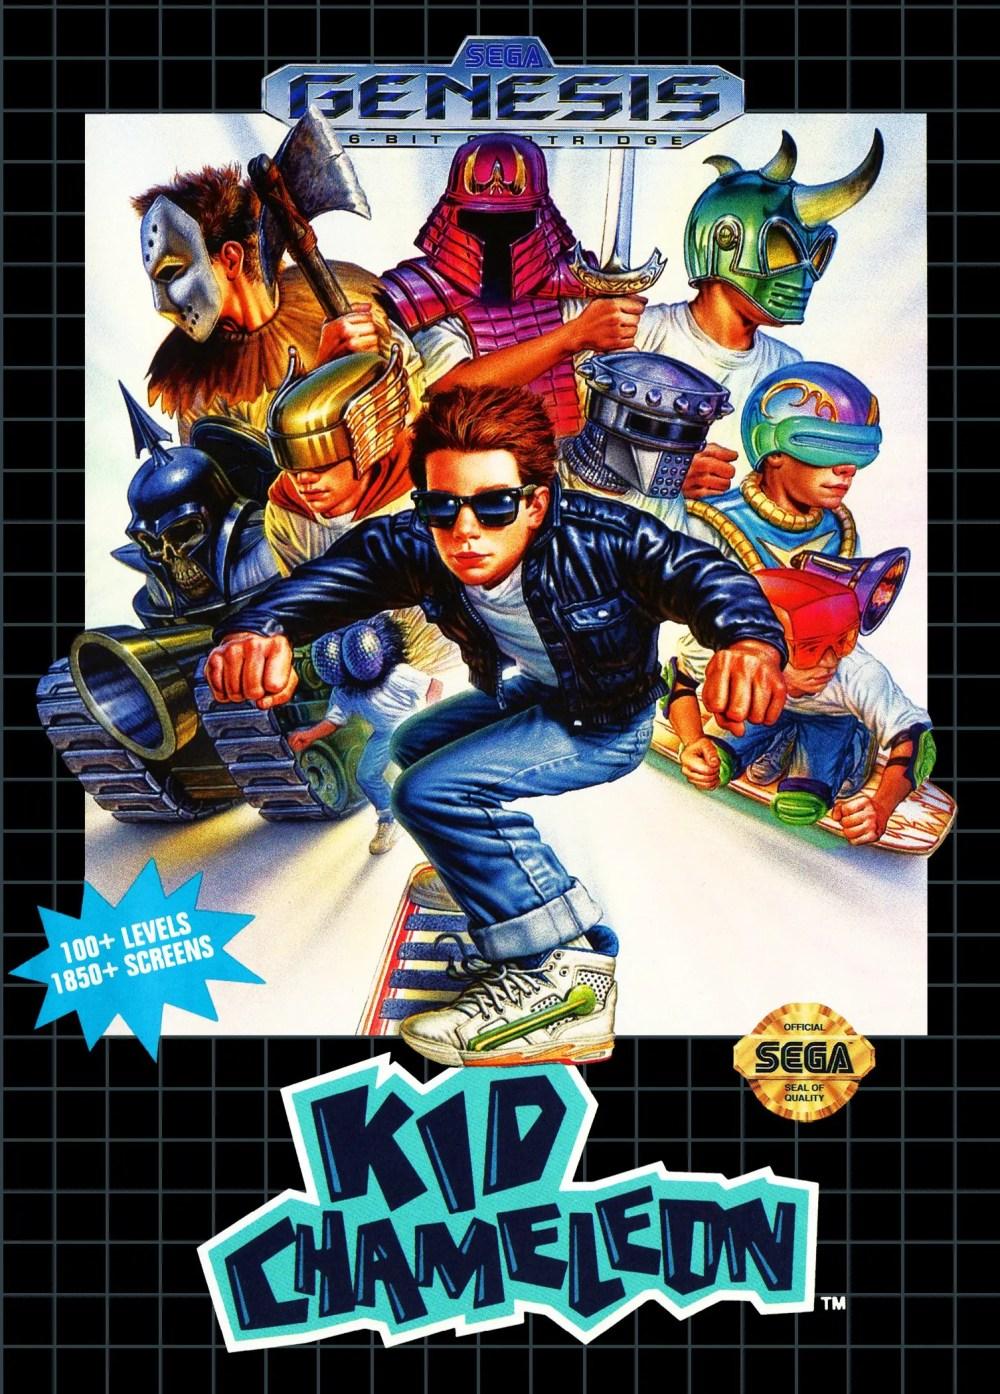 Kid Chameleon for Sega Genesis